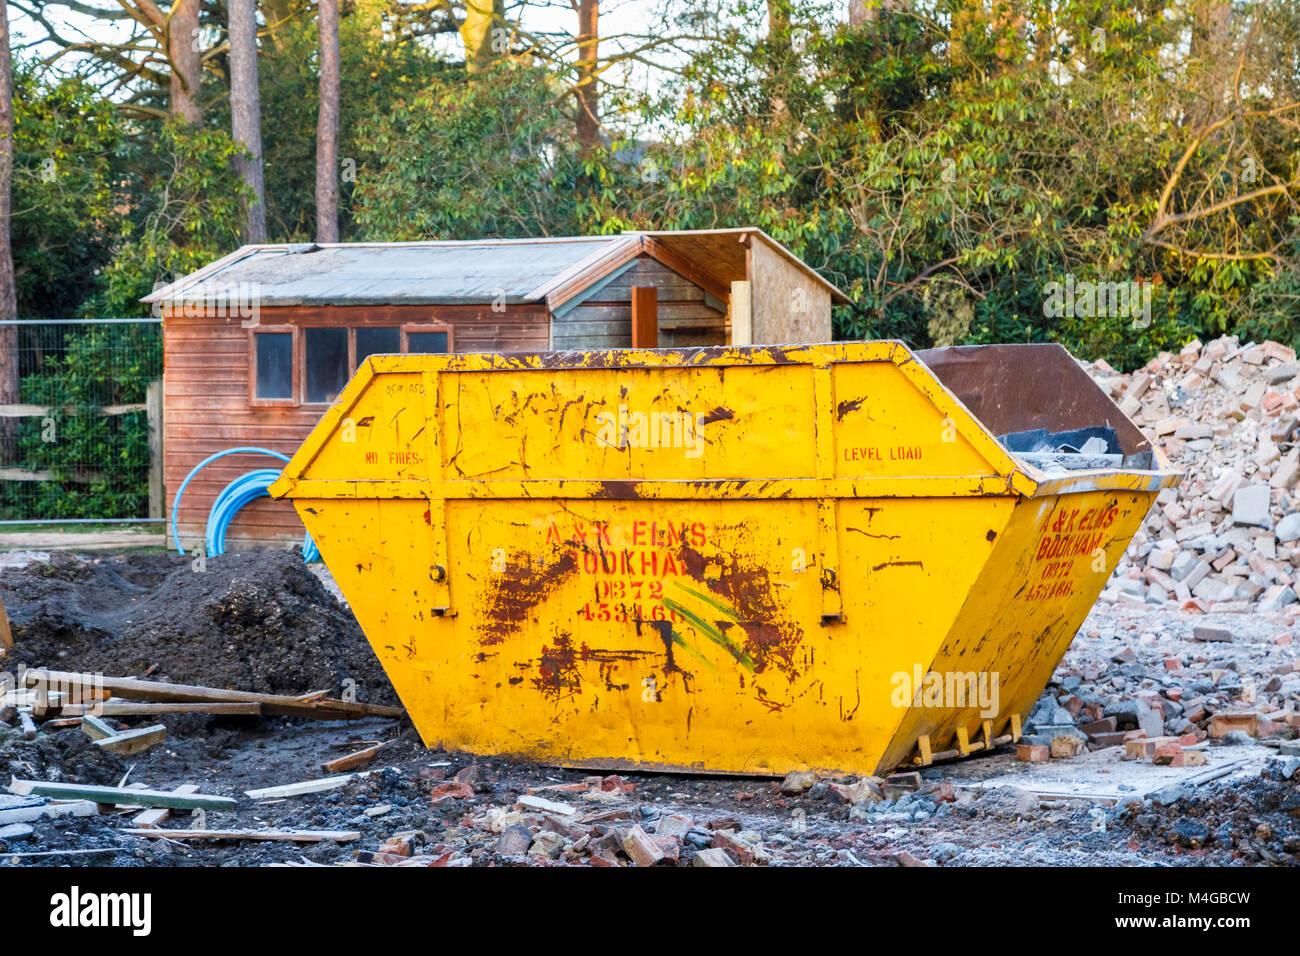 La construcción inmobiliaria sitio: amarillo saltar en los restos de la demolición de una casa residencial Imagen De Stock